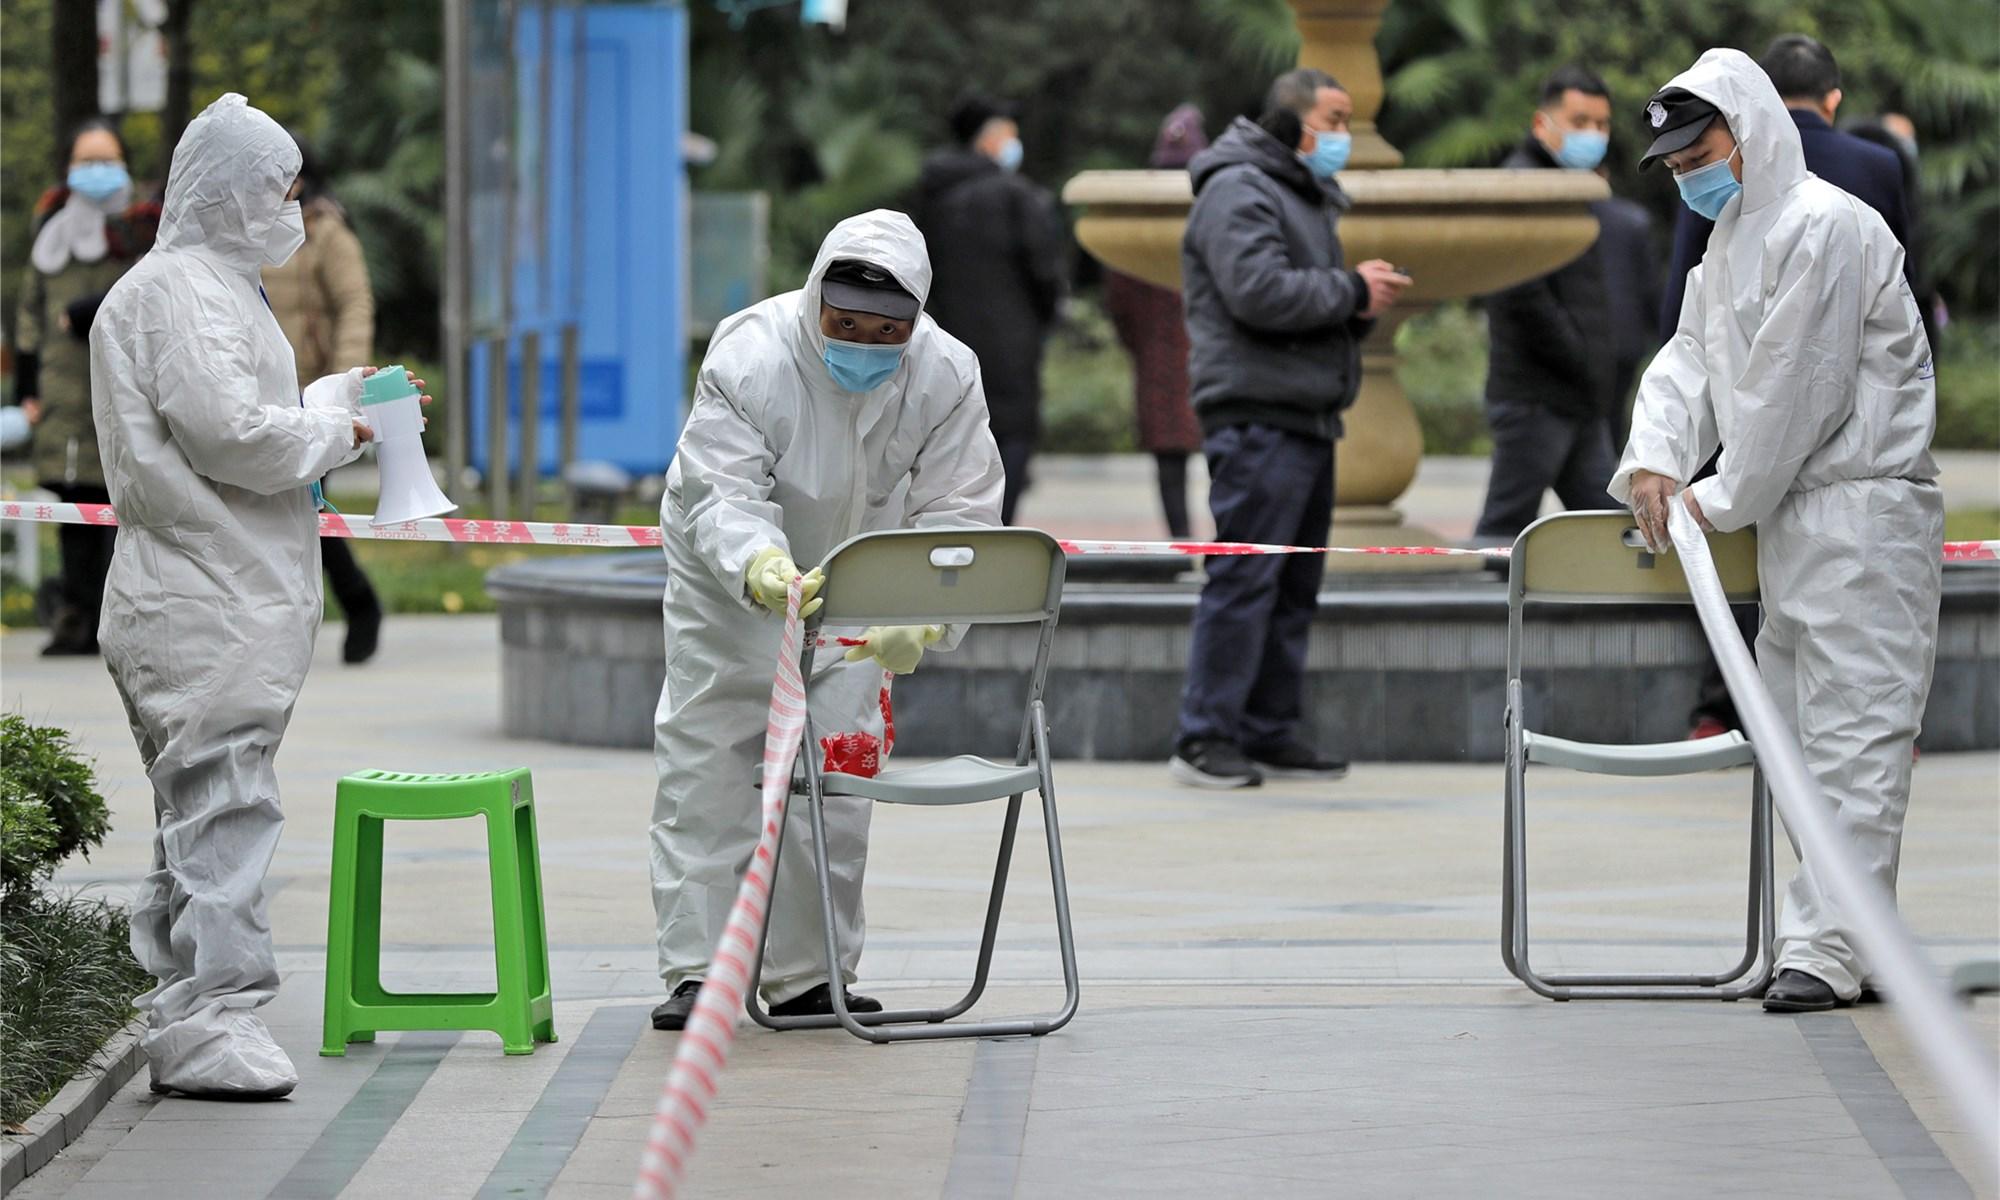 中疾控:中国没有发现变异新冠病毒输入 将继续高度关注